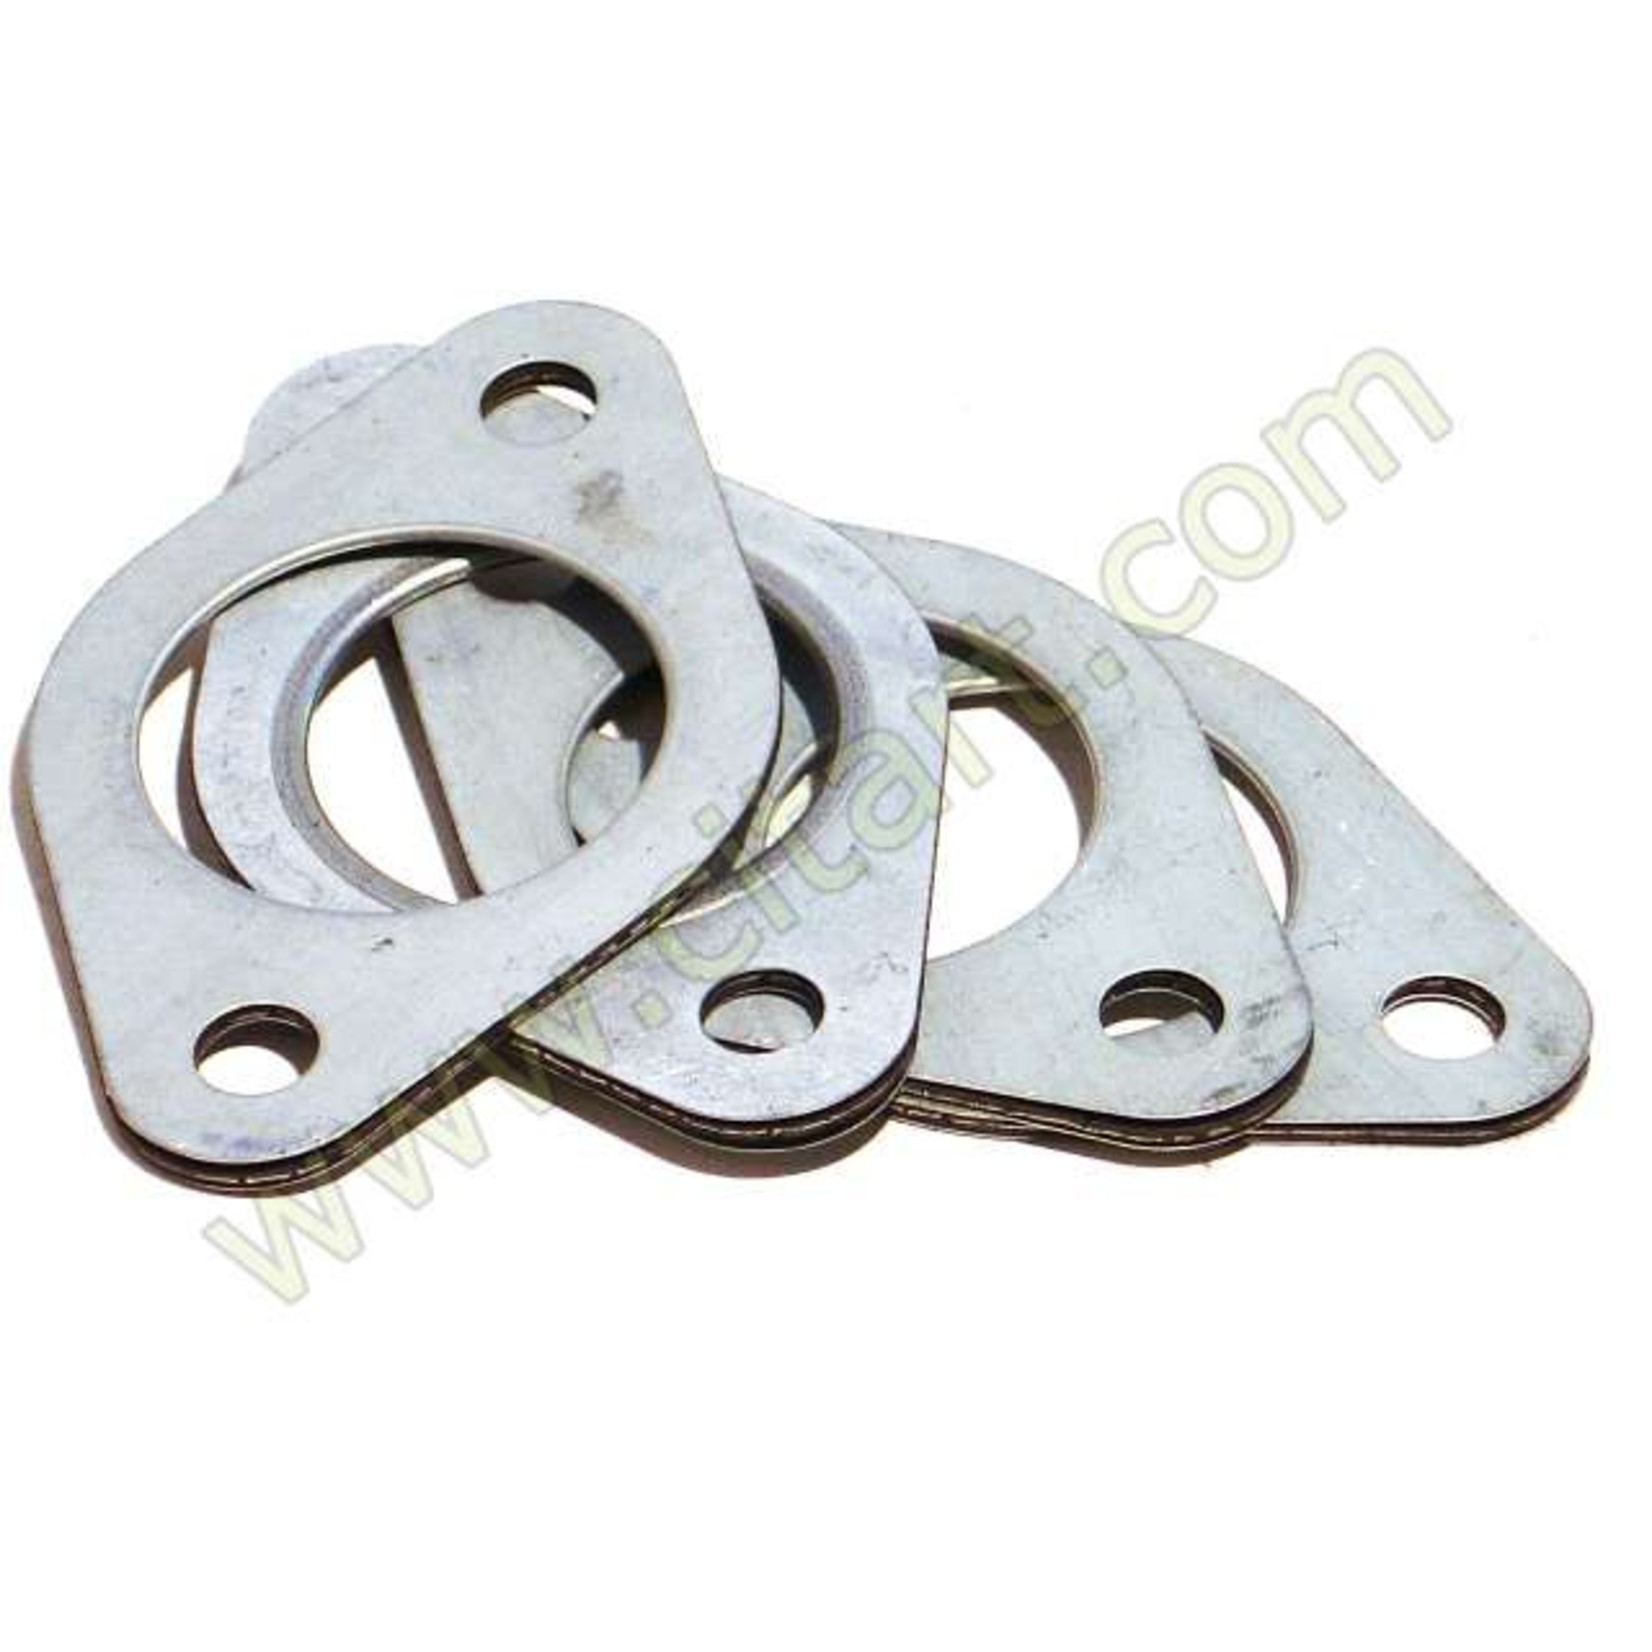 Gasket manifold - cylinder head 66- 5 paliers Nr Org: 5412149